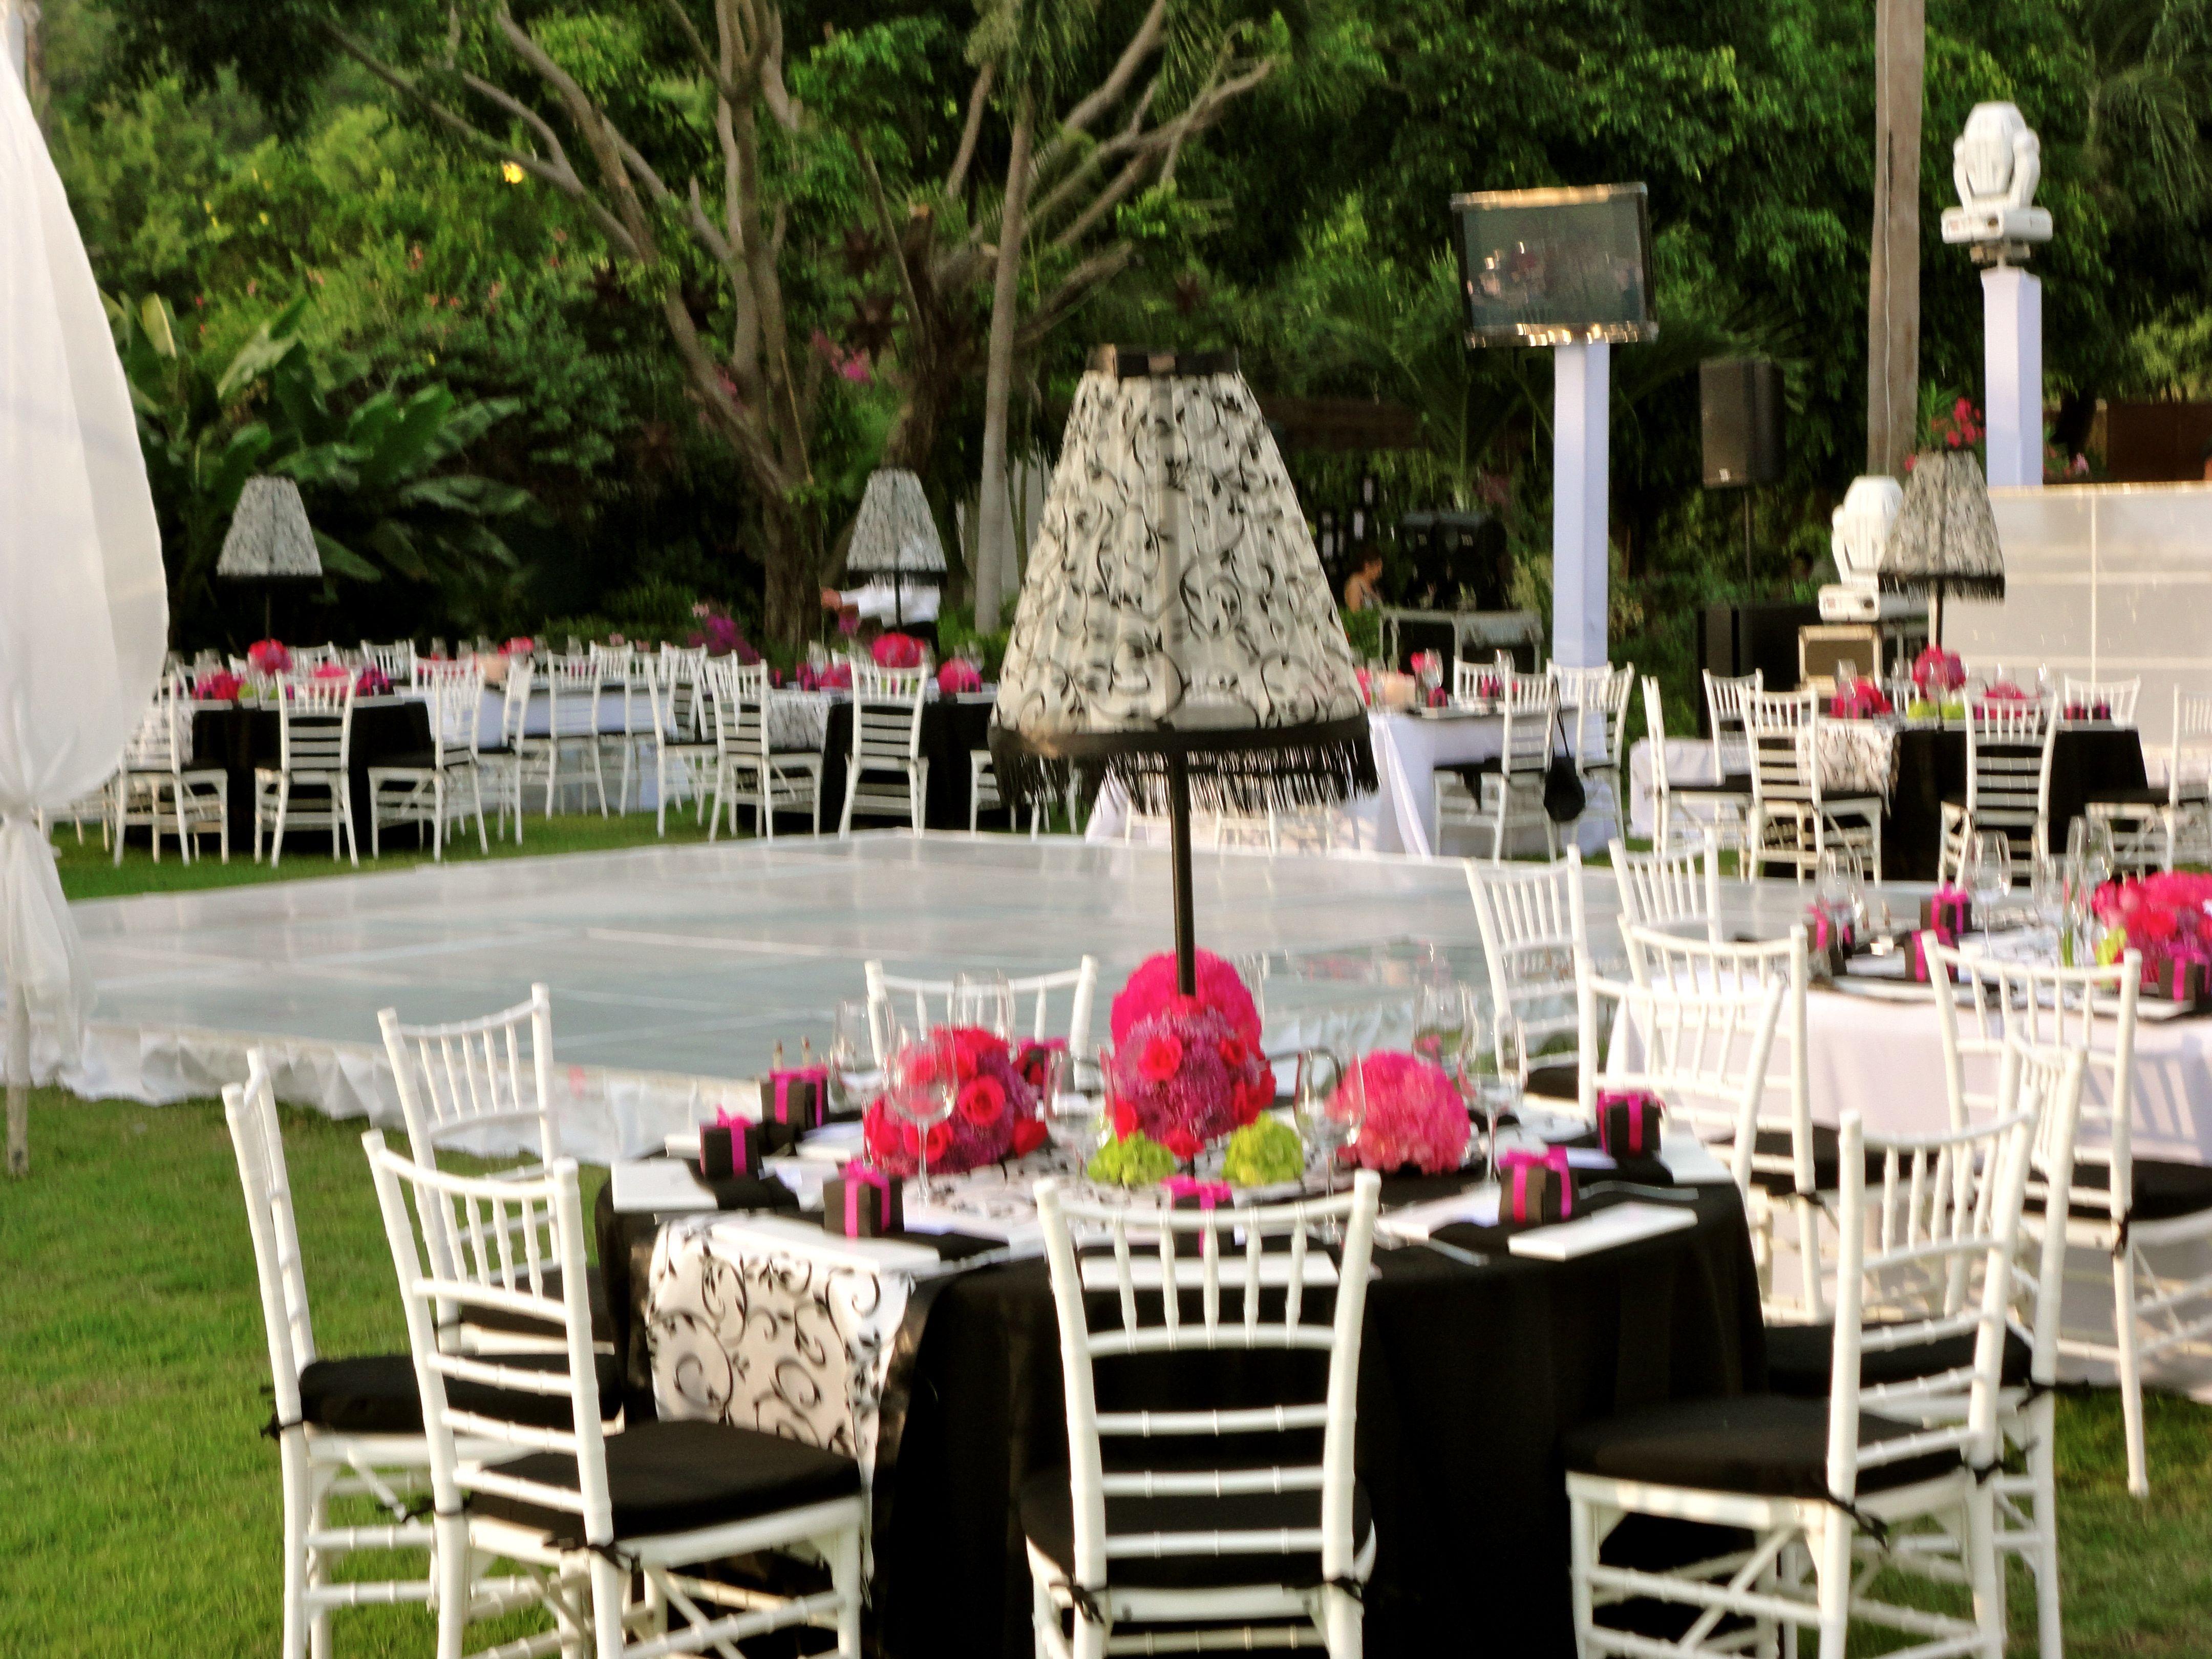 El jardin se ve increible con buenas mesas decoradas con un gusto impecable en bodas puerto - Mesas decoradas para bodas ...